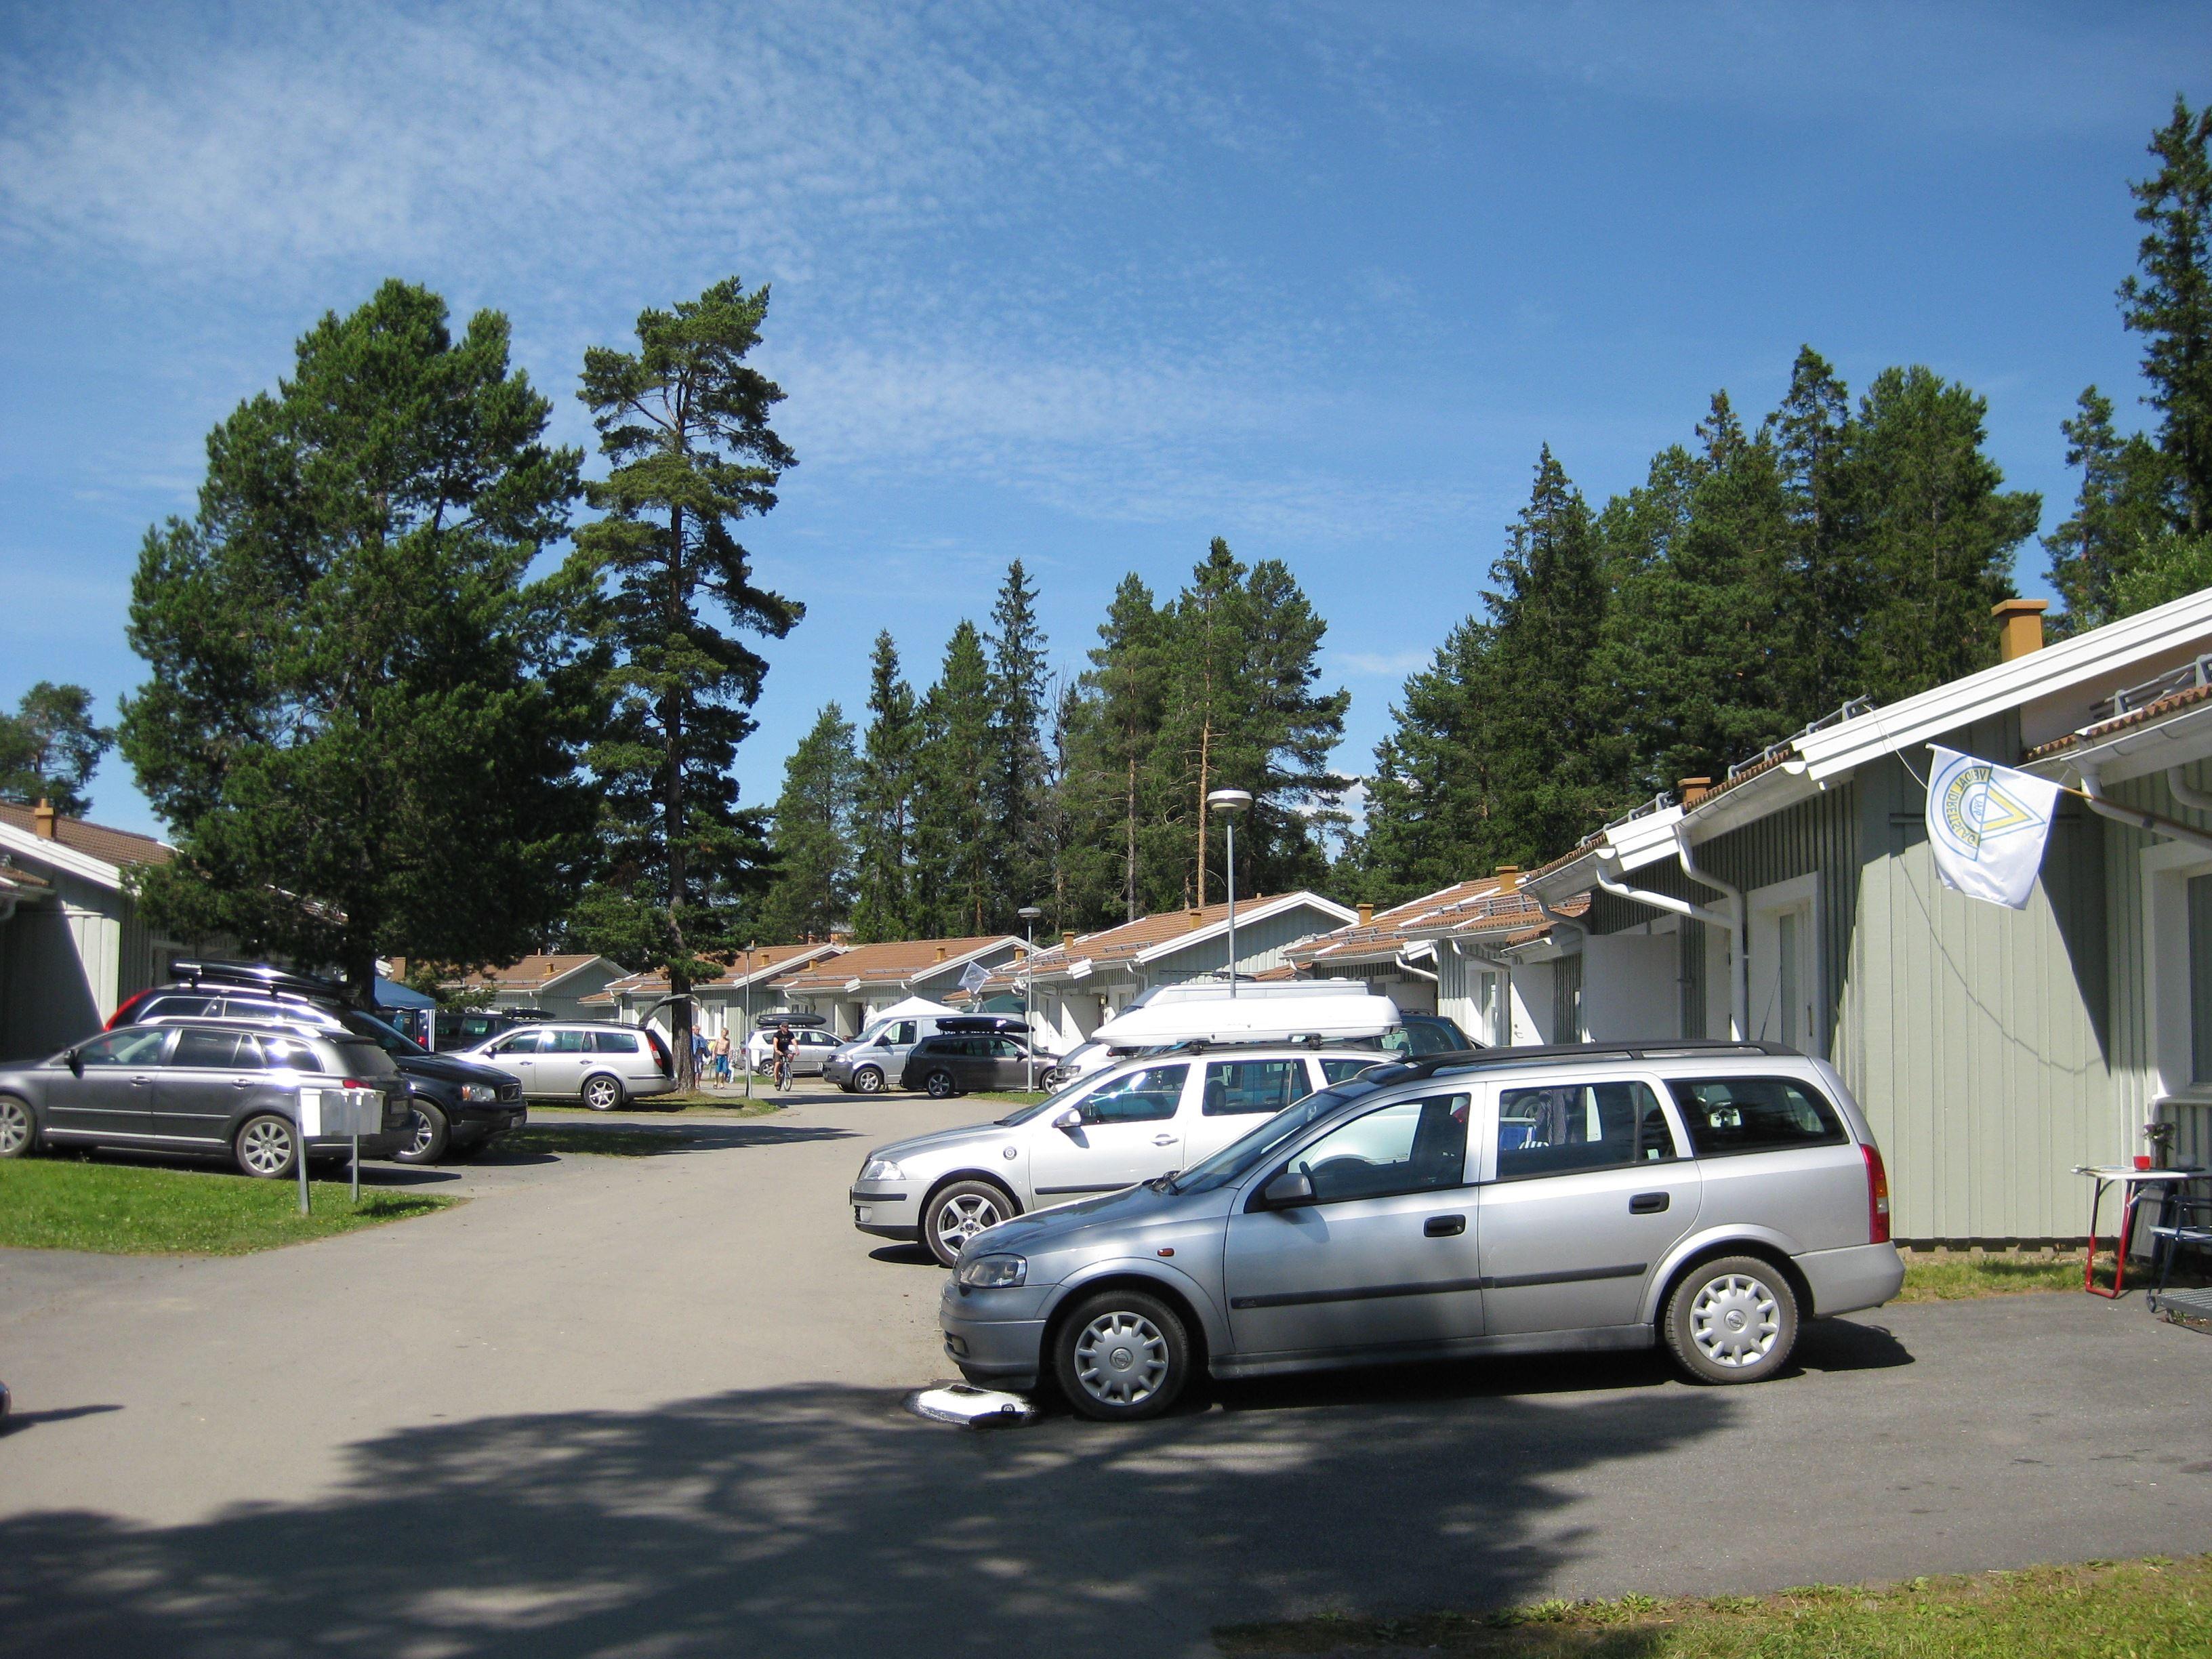 Copy: Östersunds Stugby & Camping,  © Copy: Östersunds Stugby & Camping, Östersunds Stugby & Camping ****